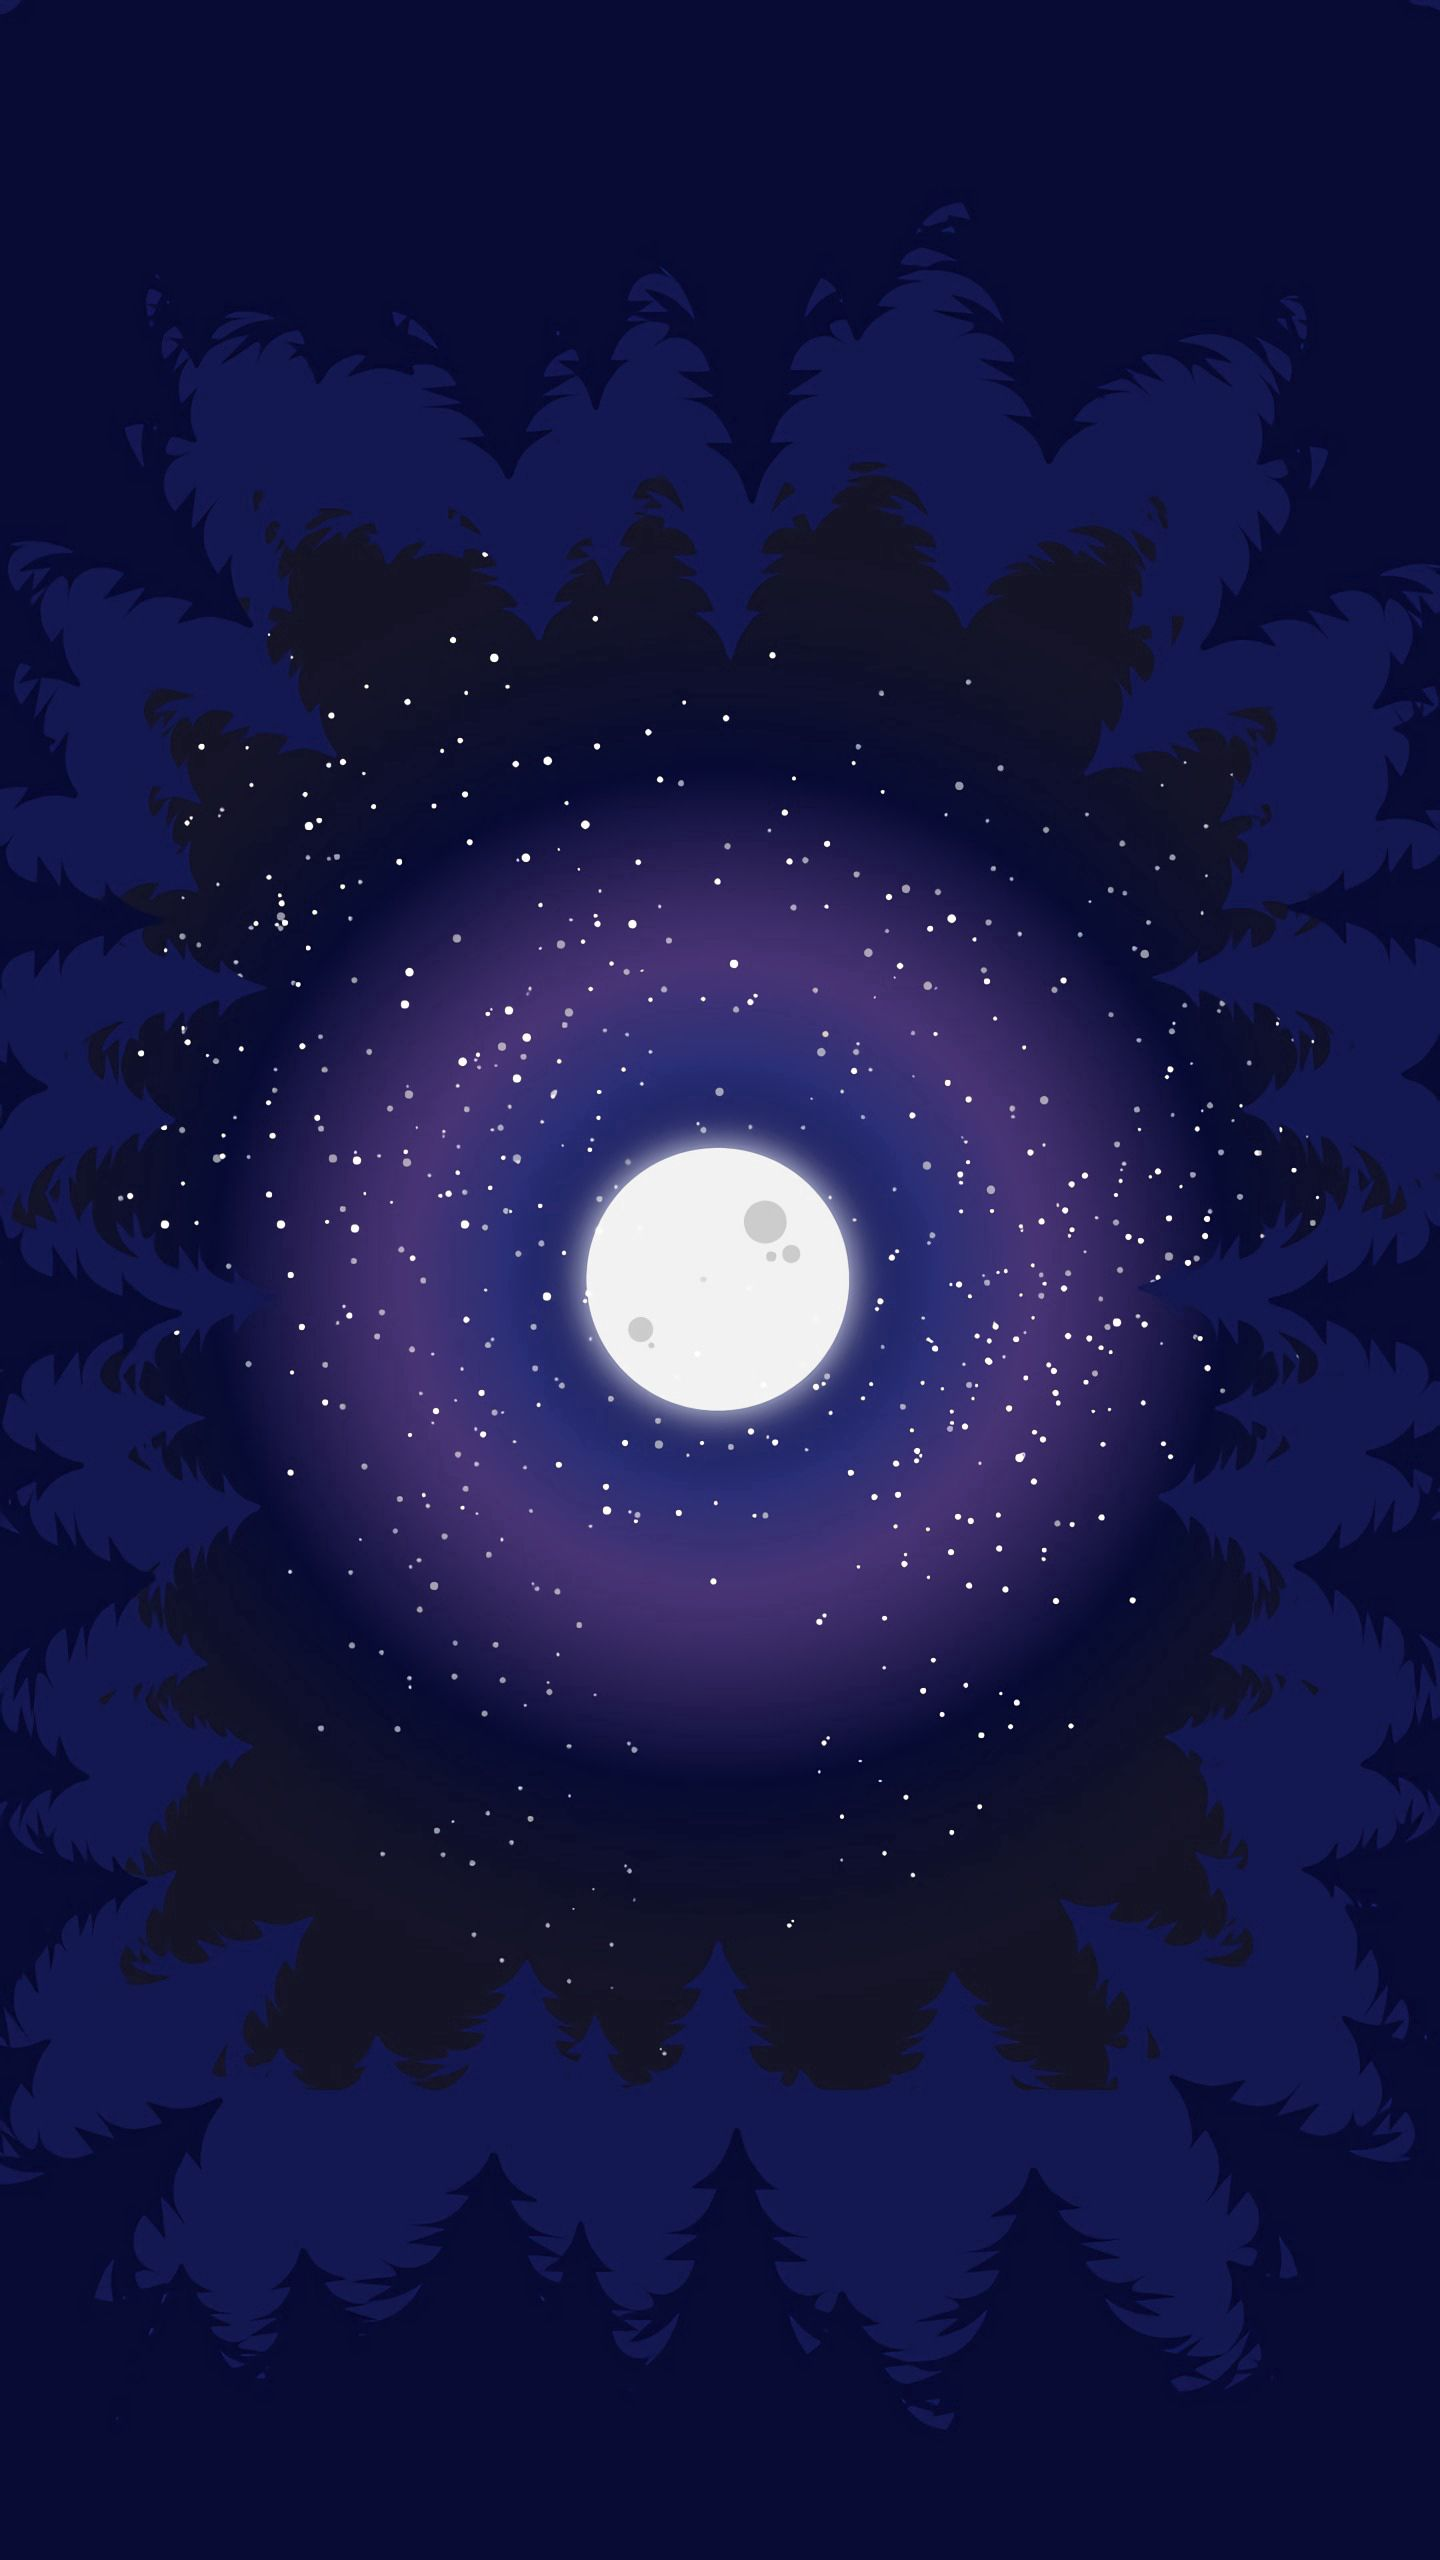 100497 Hintergrundbild 240x400 kostenlos auf deinem Handy, lade Bilder Bäume, Kunst, Mond, Vektor, Wald, Mondlicht 240x400 auf dein Handy herunter